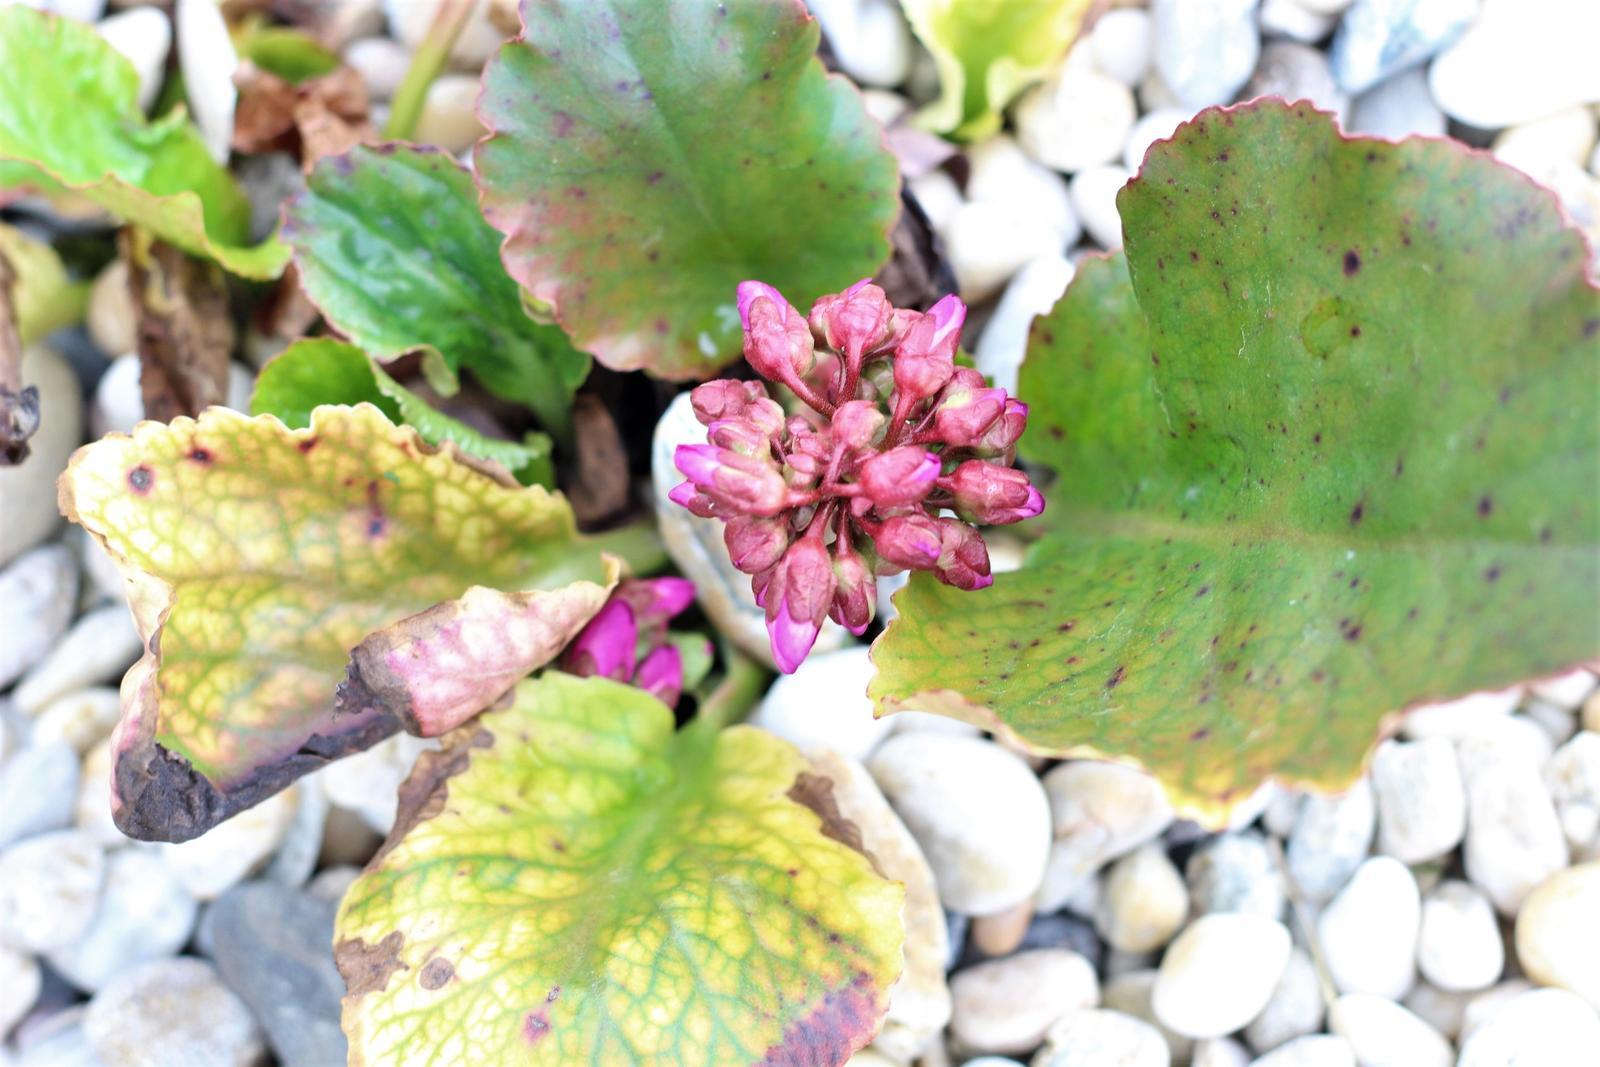 Exteriér - záhrada - Konečne budú kvitnúť :-)